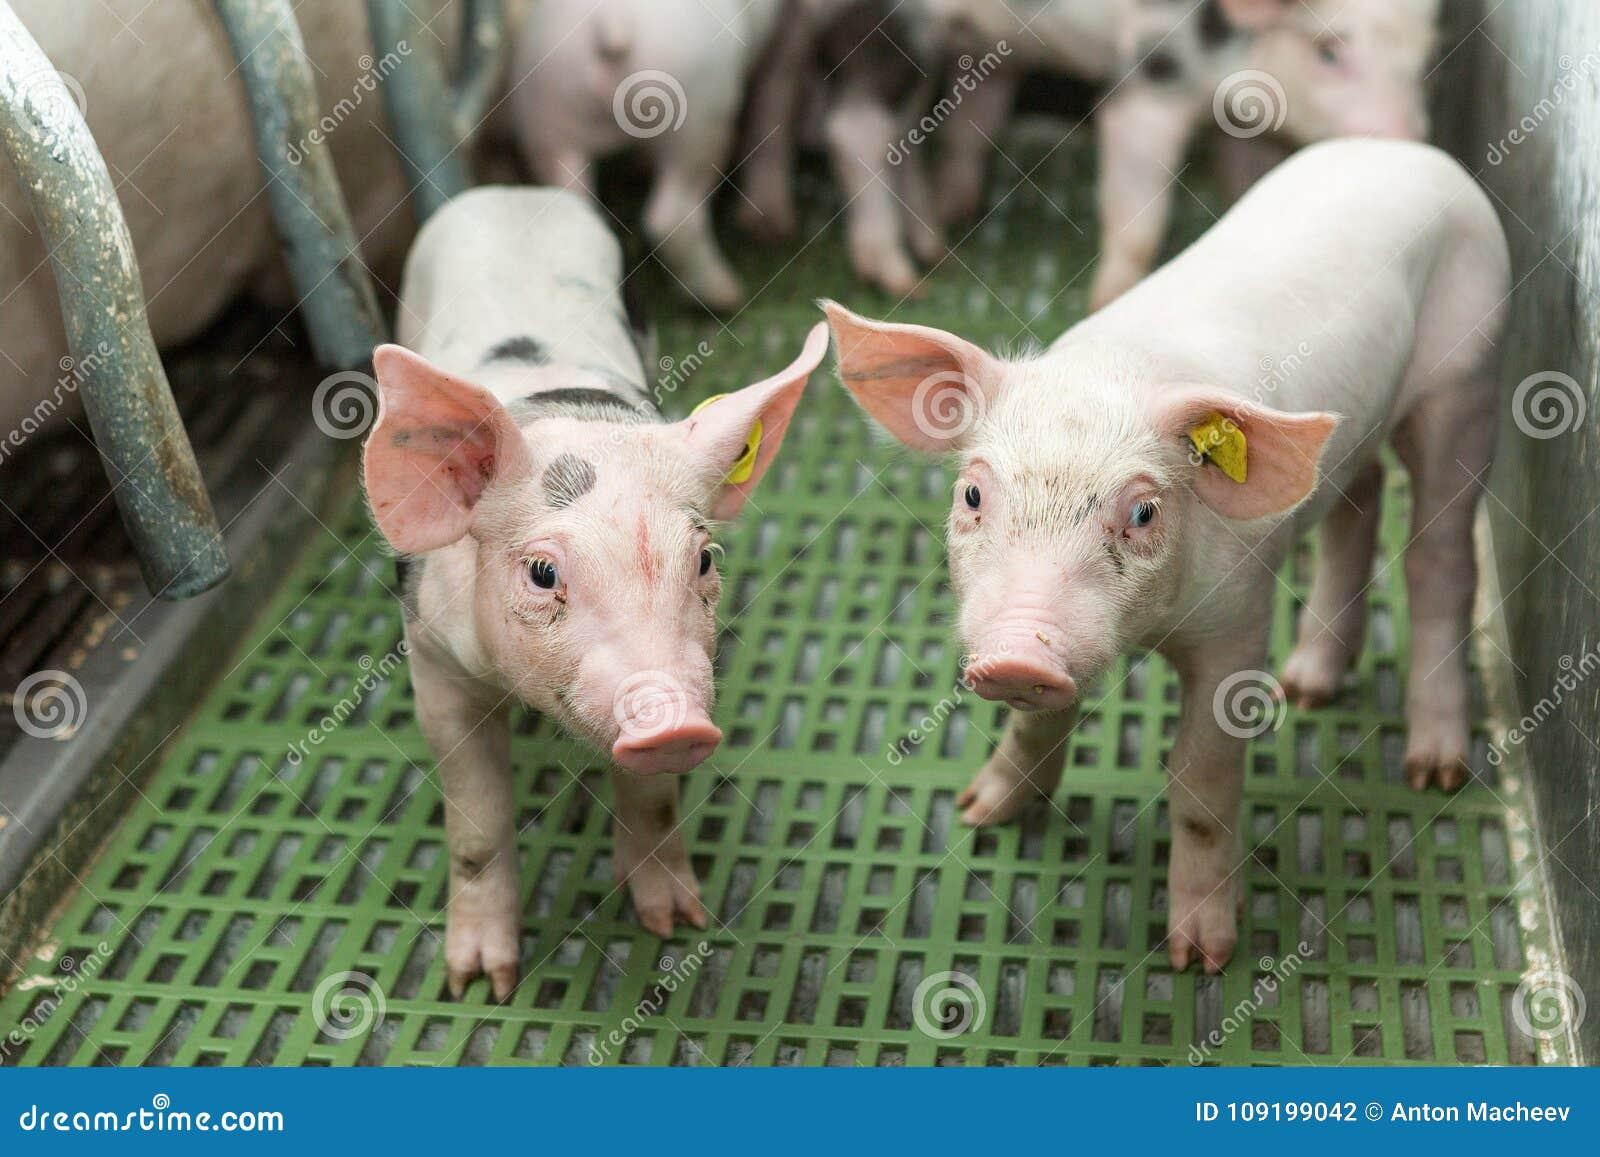 Three Little Pigs (film) - Wikipedia